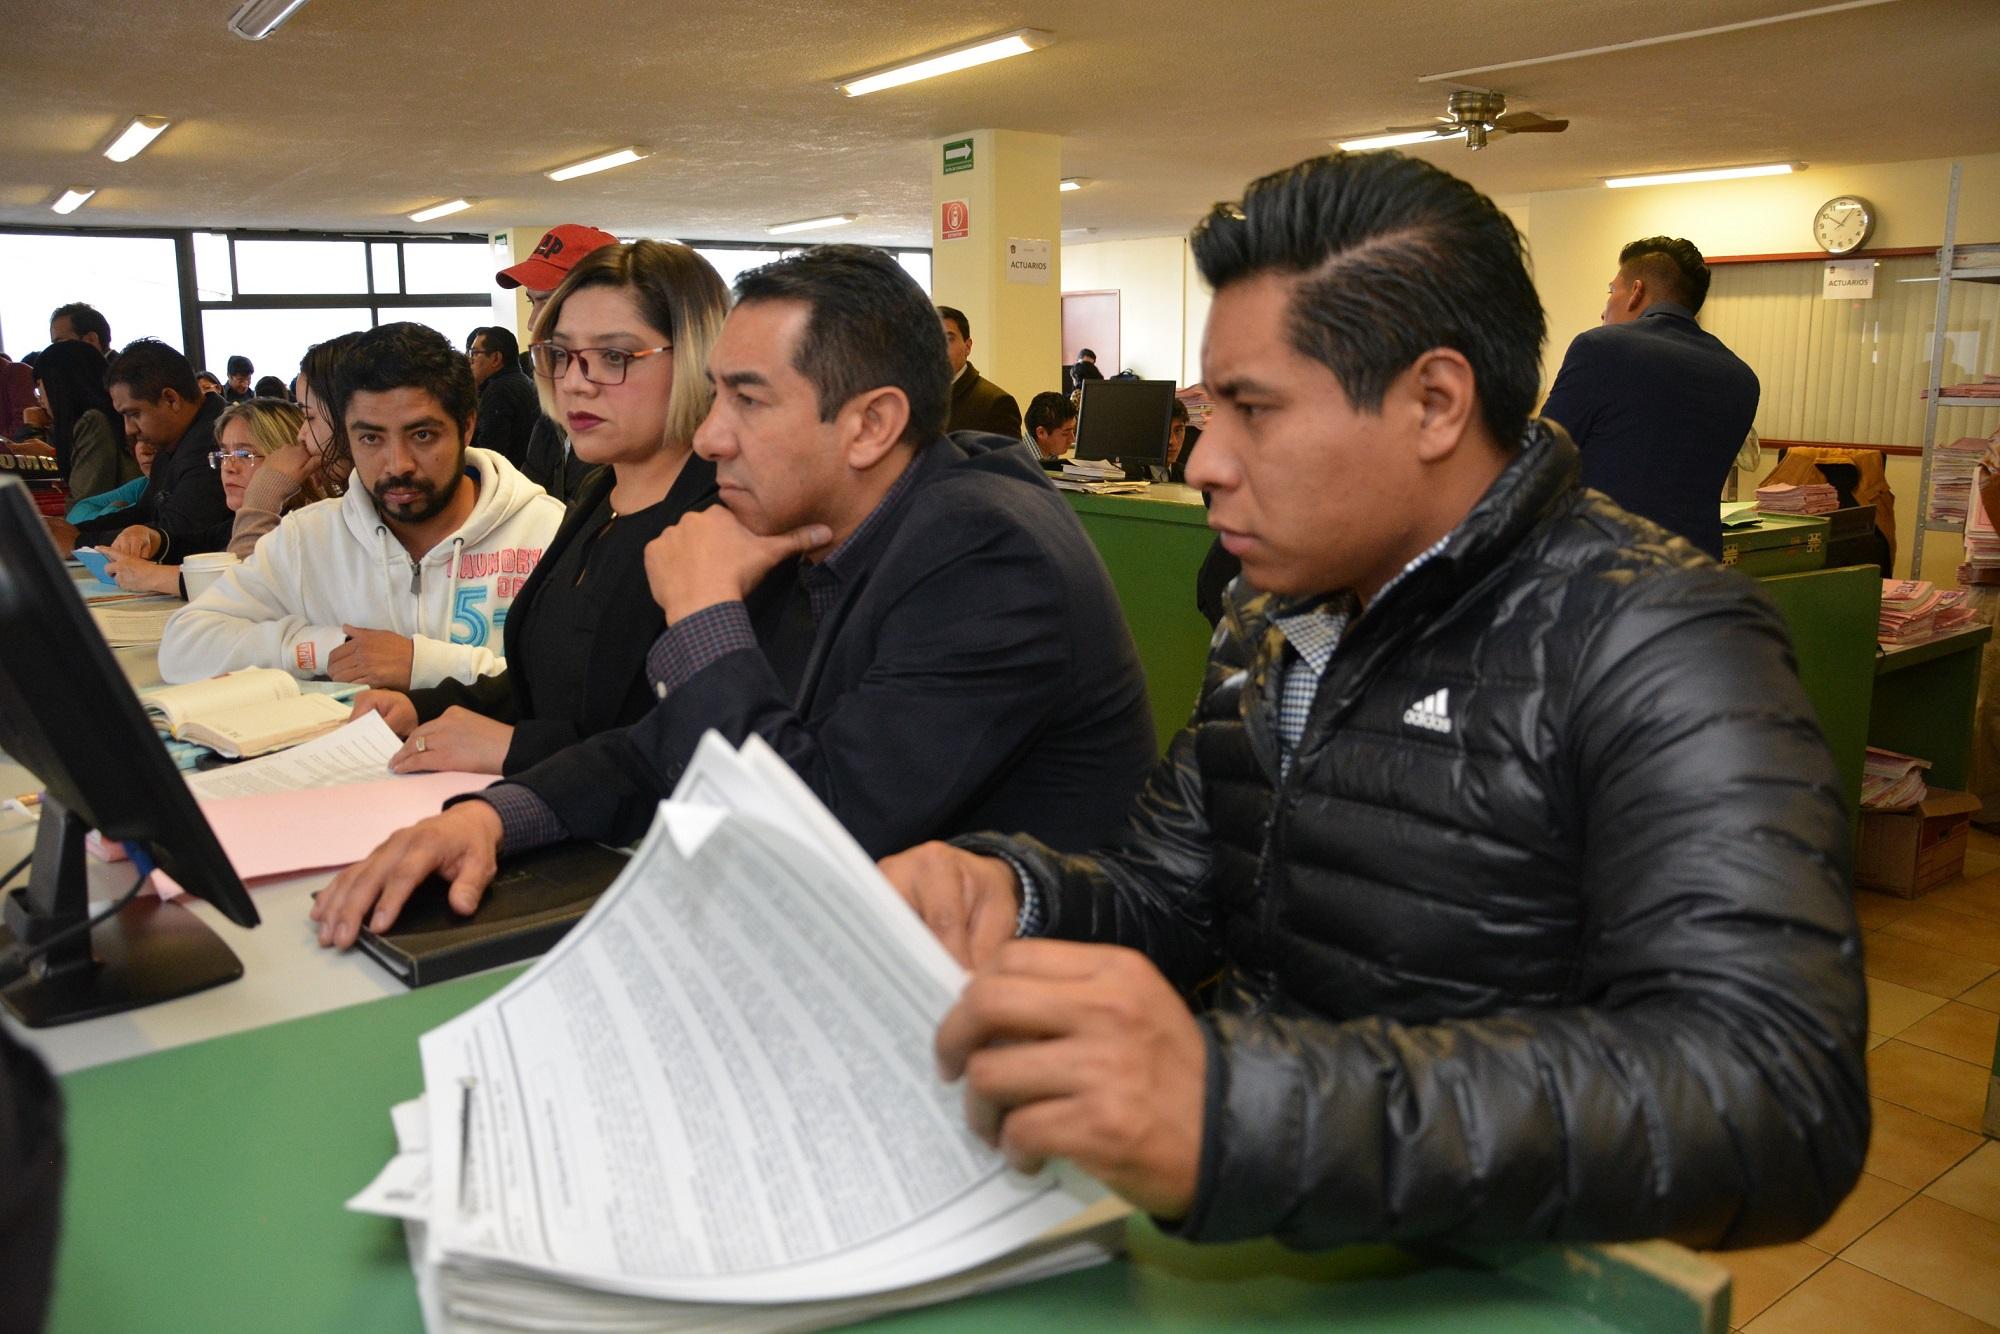 Junta de Conciliación y Srbitraje beneficia a más de 21 mil trabajadores a través de convenios sin juicio en 2019